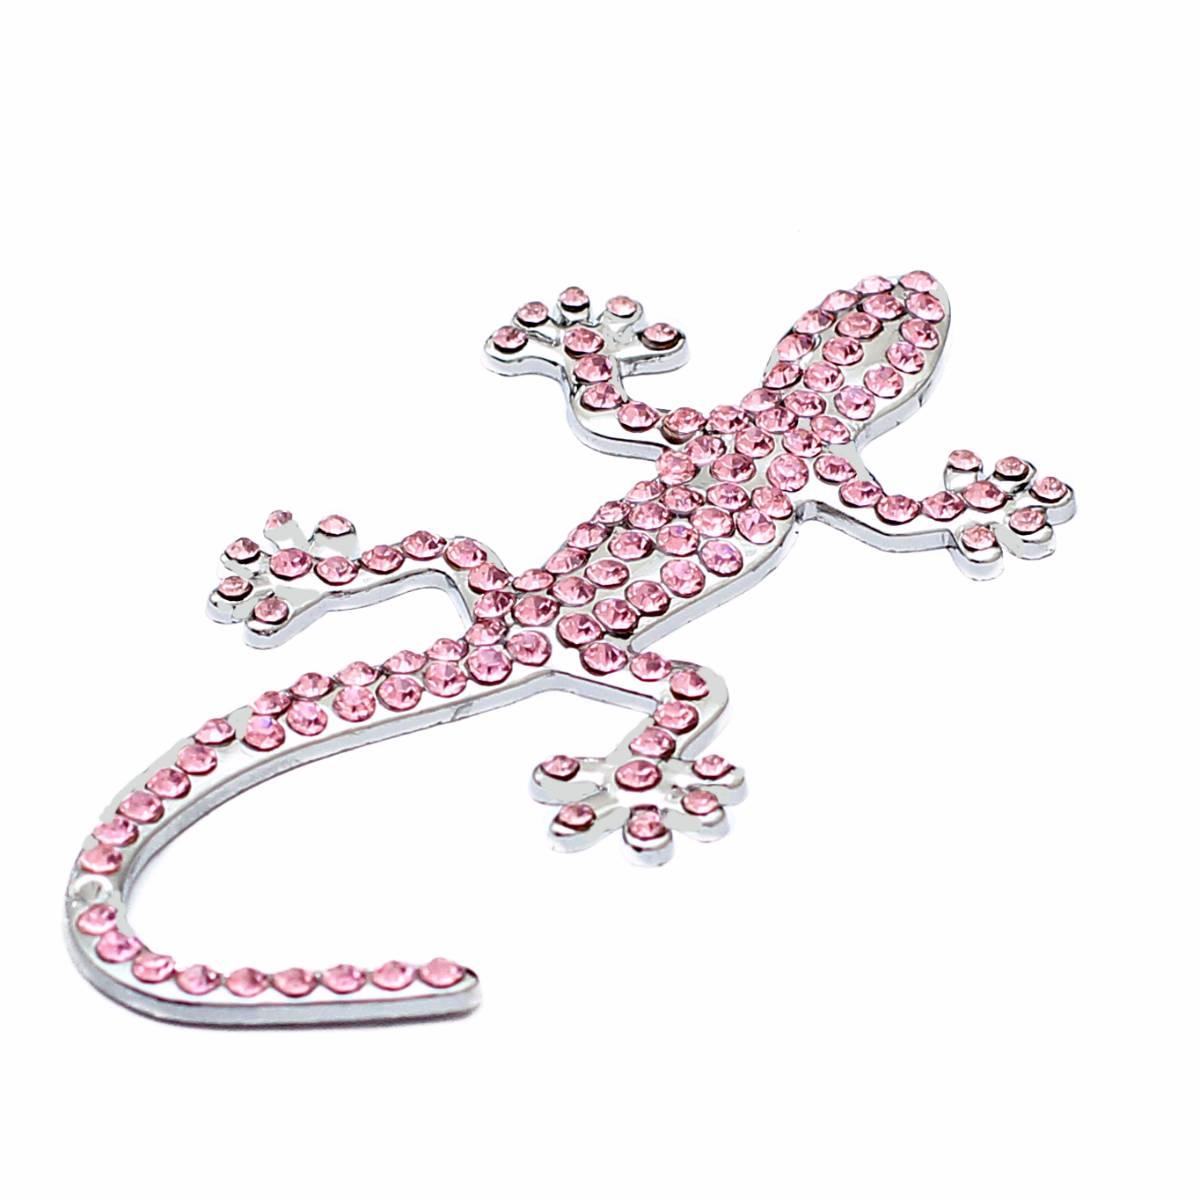 Emblem Variasi Gecko - Pink